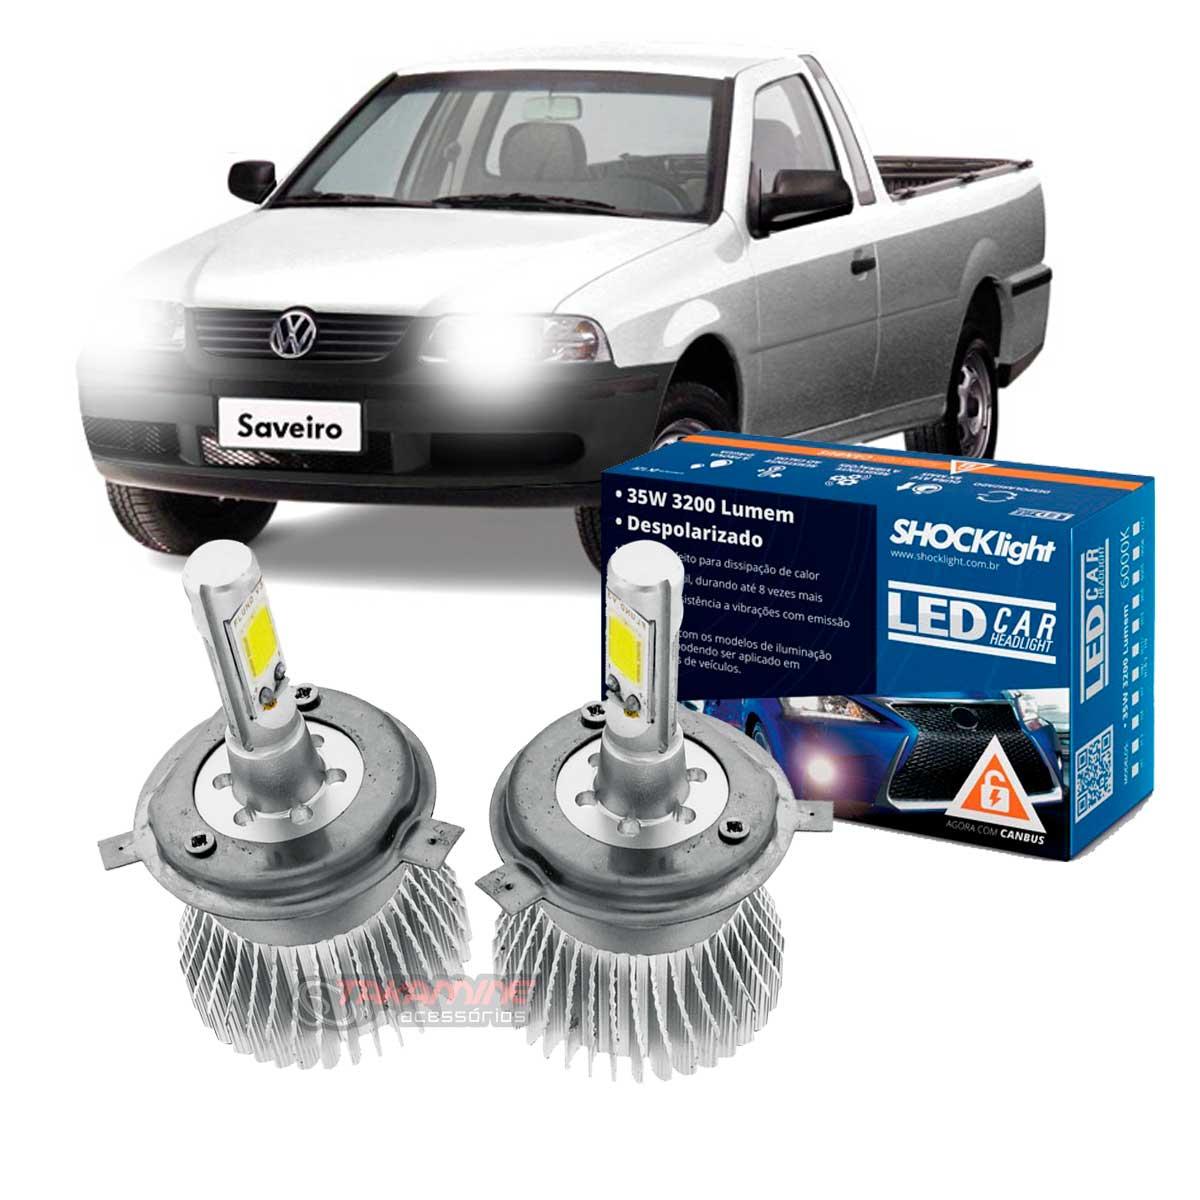 Kit LED Saveiro G3 farol Simples 2005 tipo xenon farol alto e baixo H4 35/35W Headlight